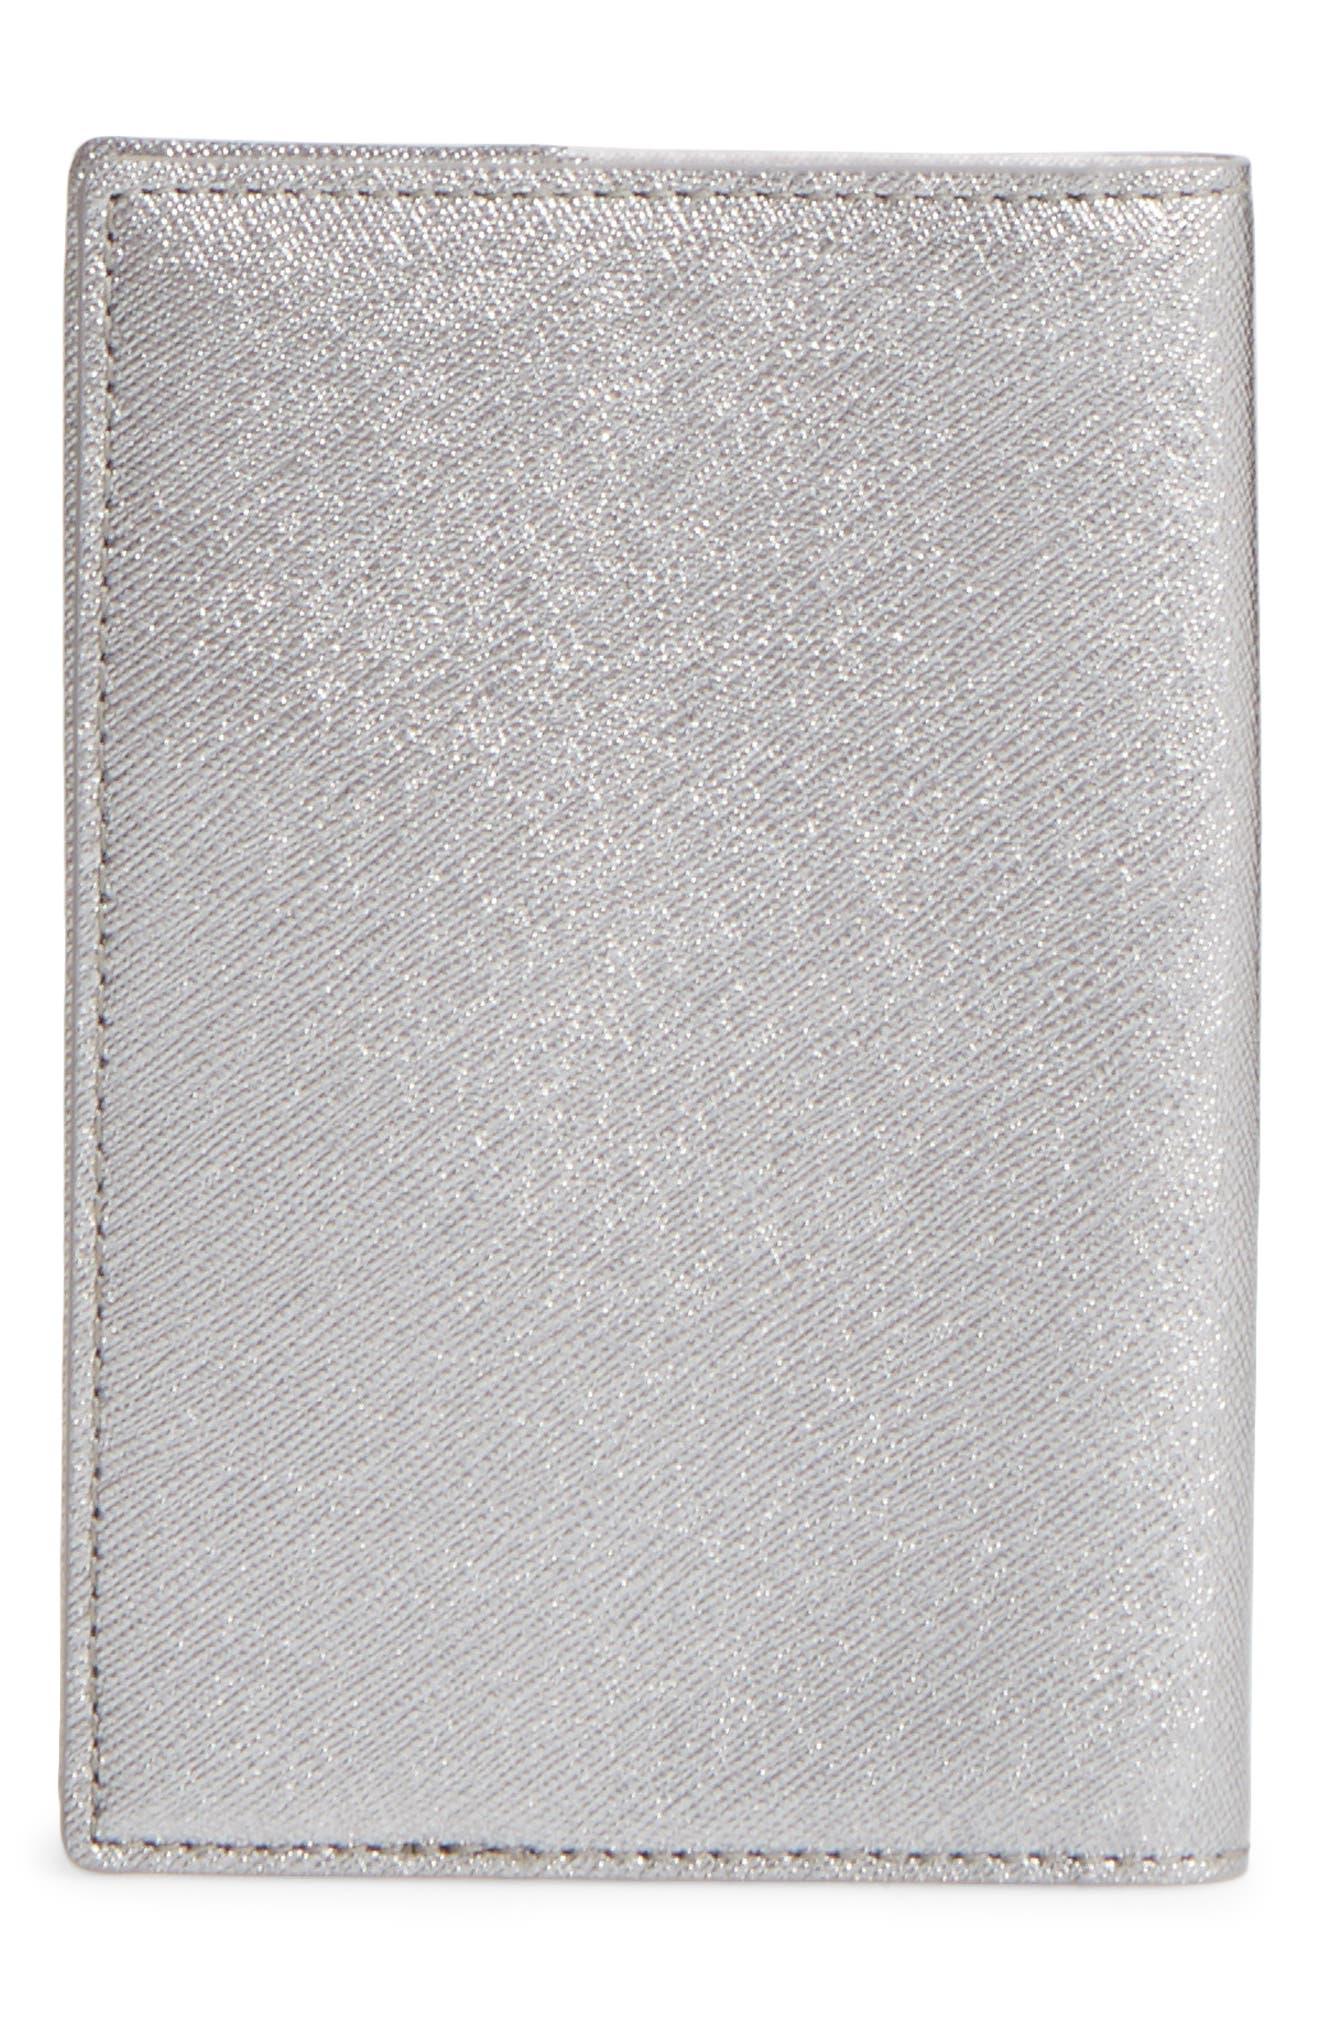 starbright owl leather passport case,                             Alternate thumbnail 4, color,                             Multi